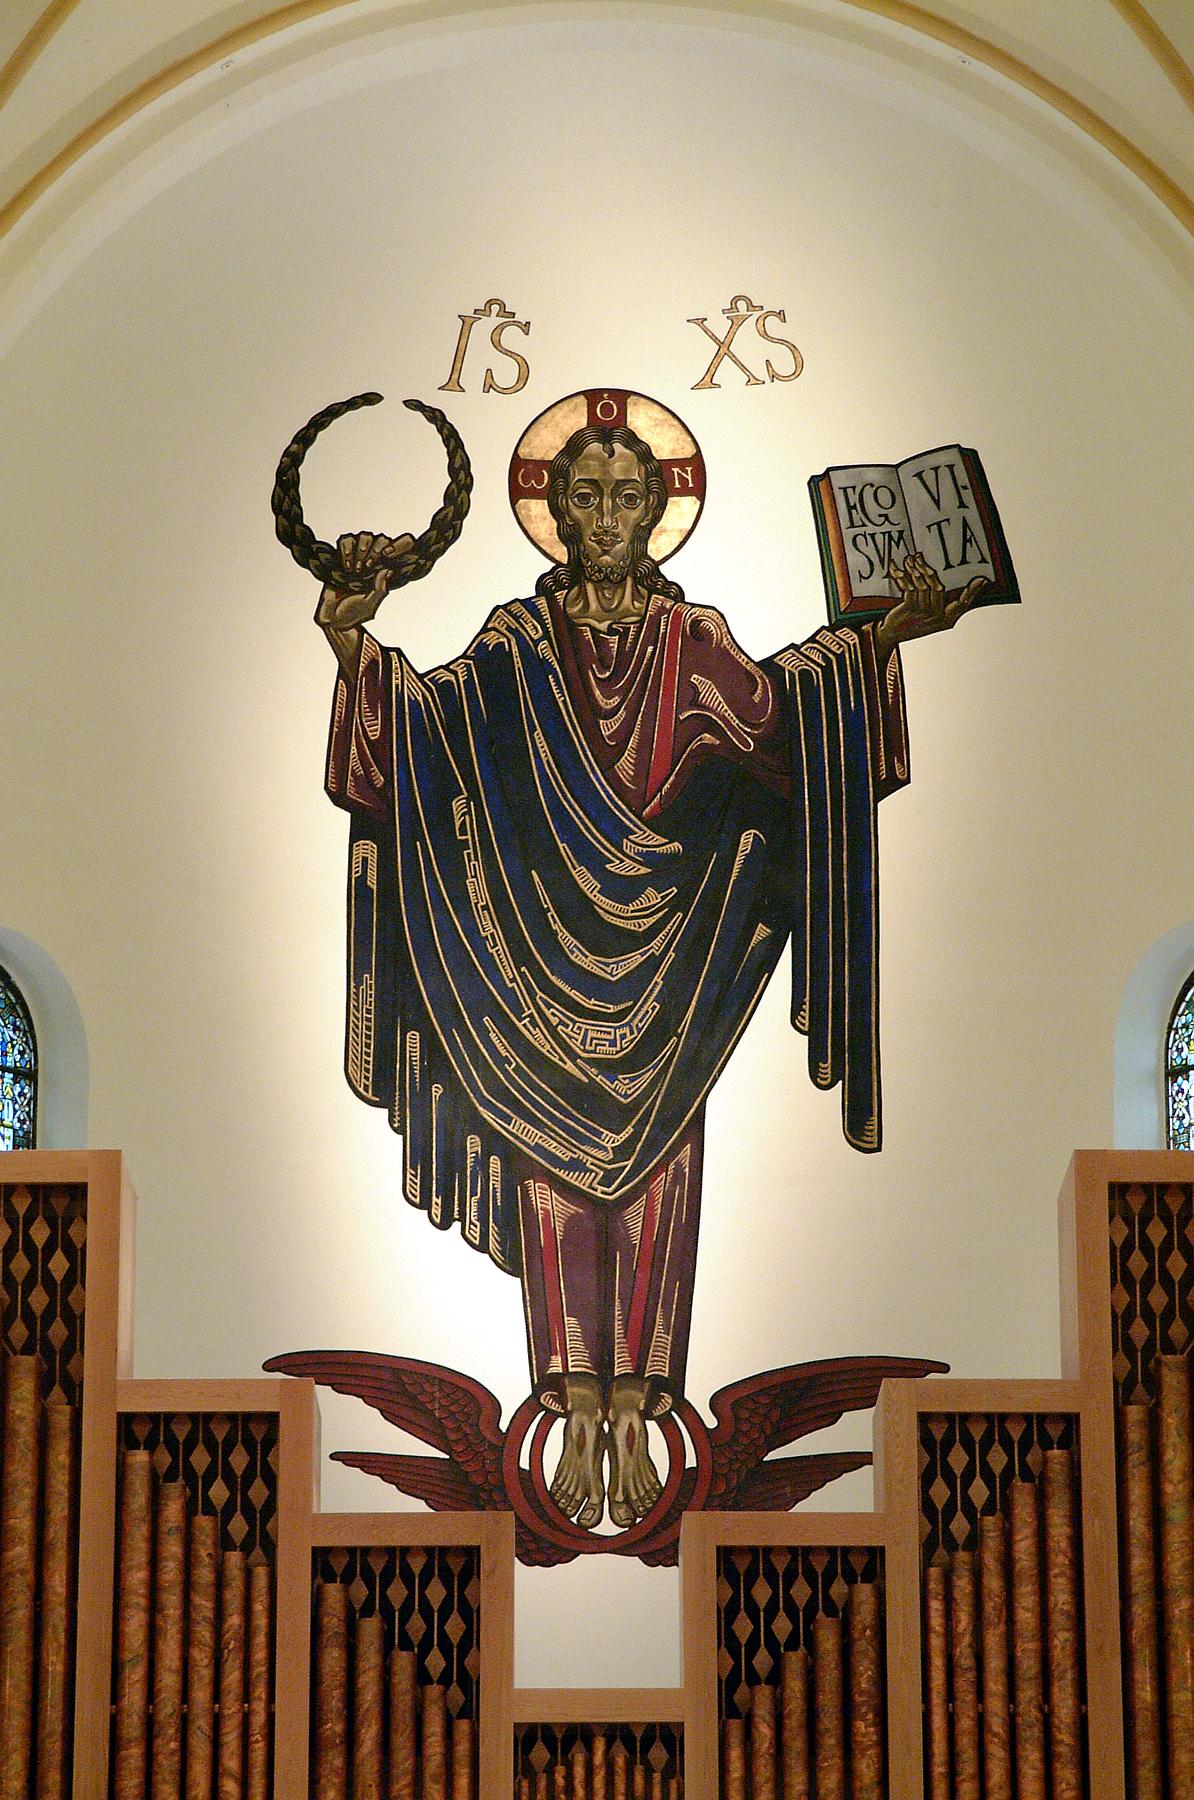 Christus by Gregory de Wit